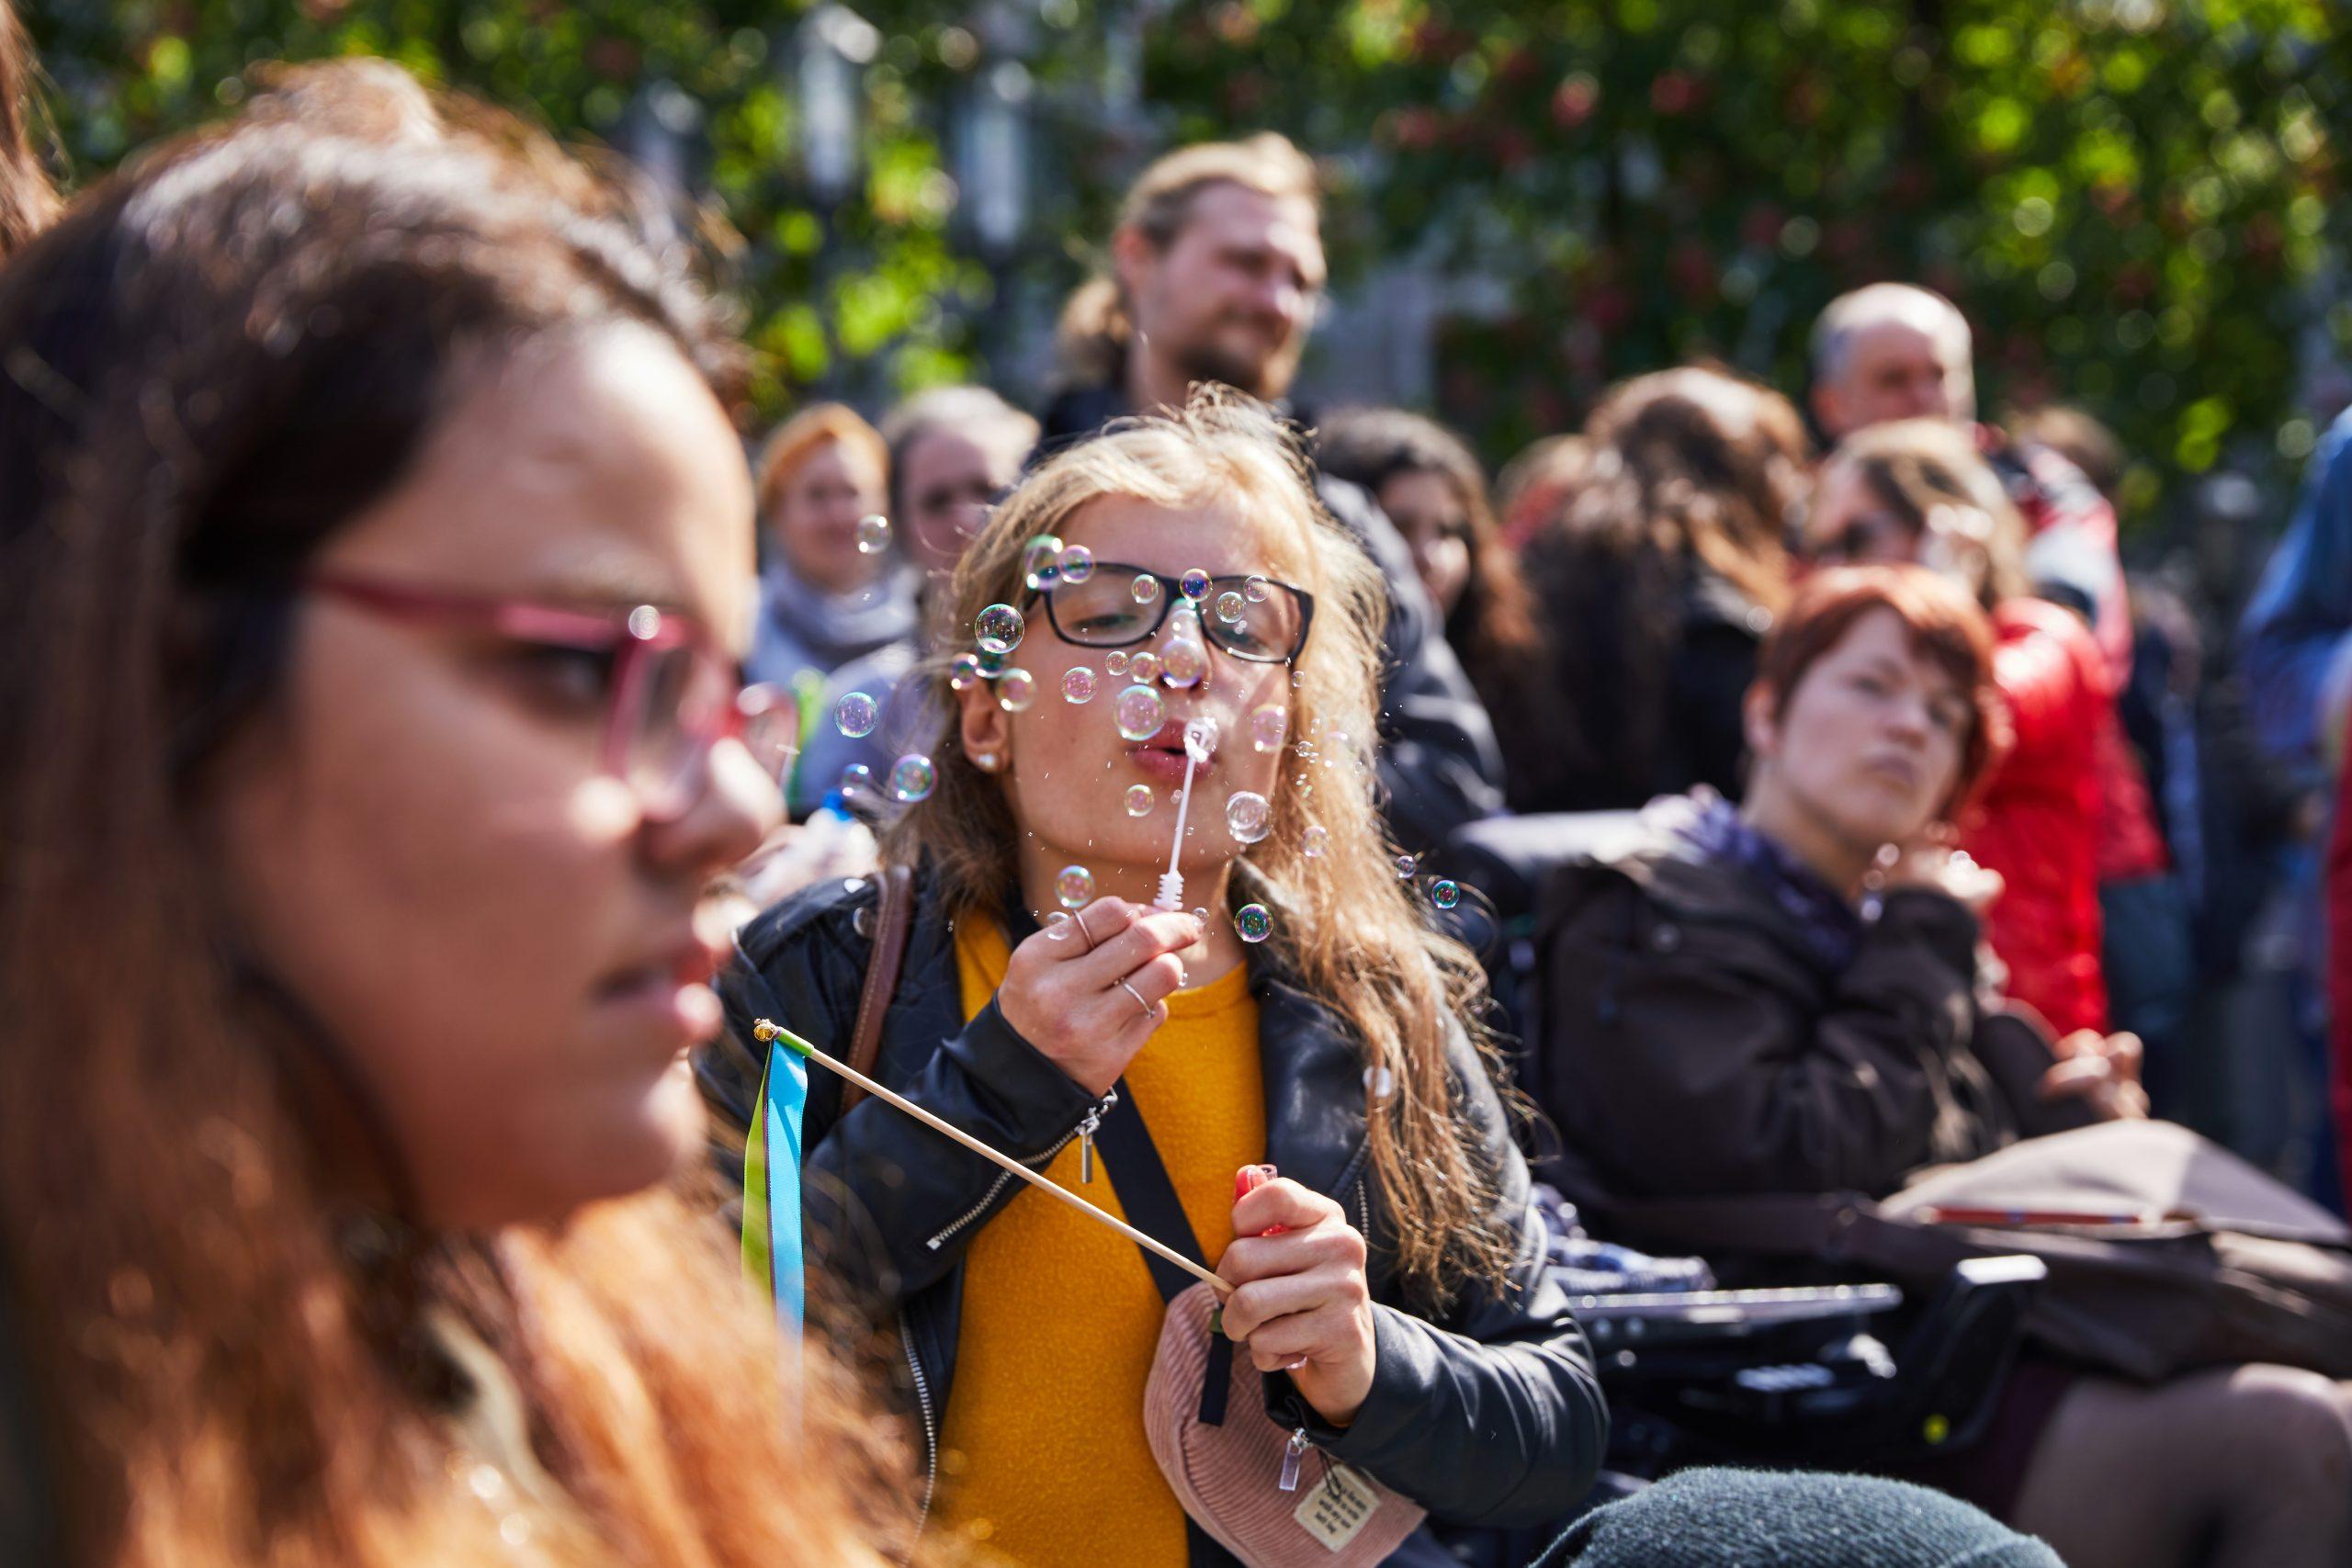 Eine junge Frau pustet Seifenblasen. Um die junge Frau herum sind weitere Personen zu sehen.